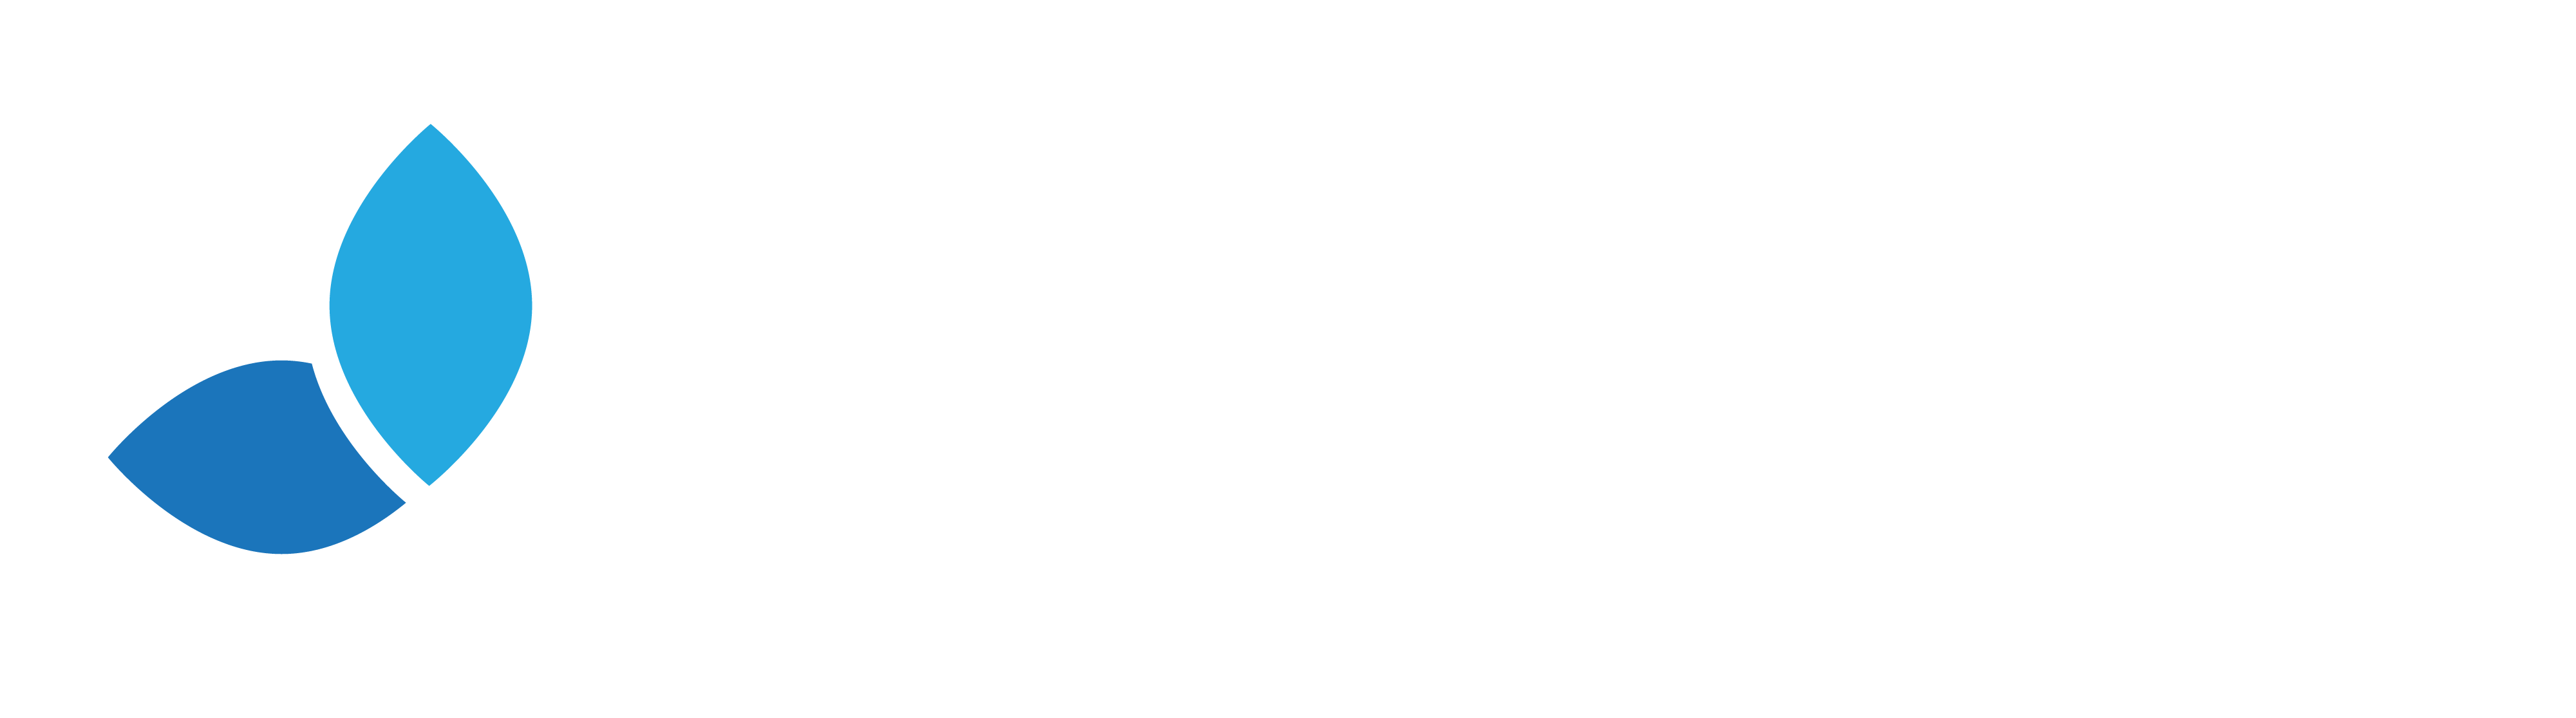 Efecta